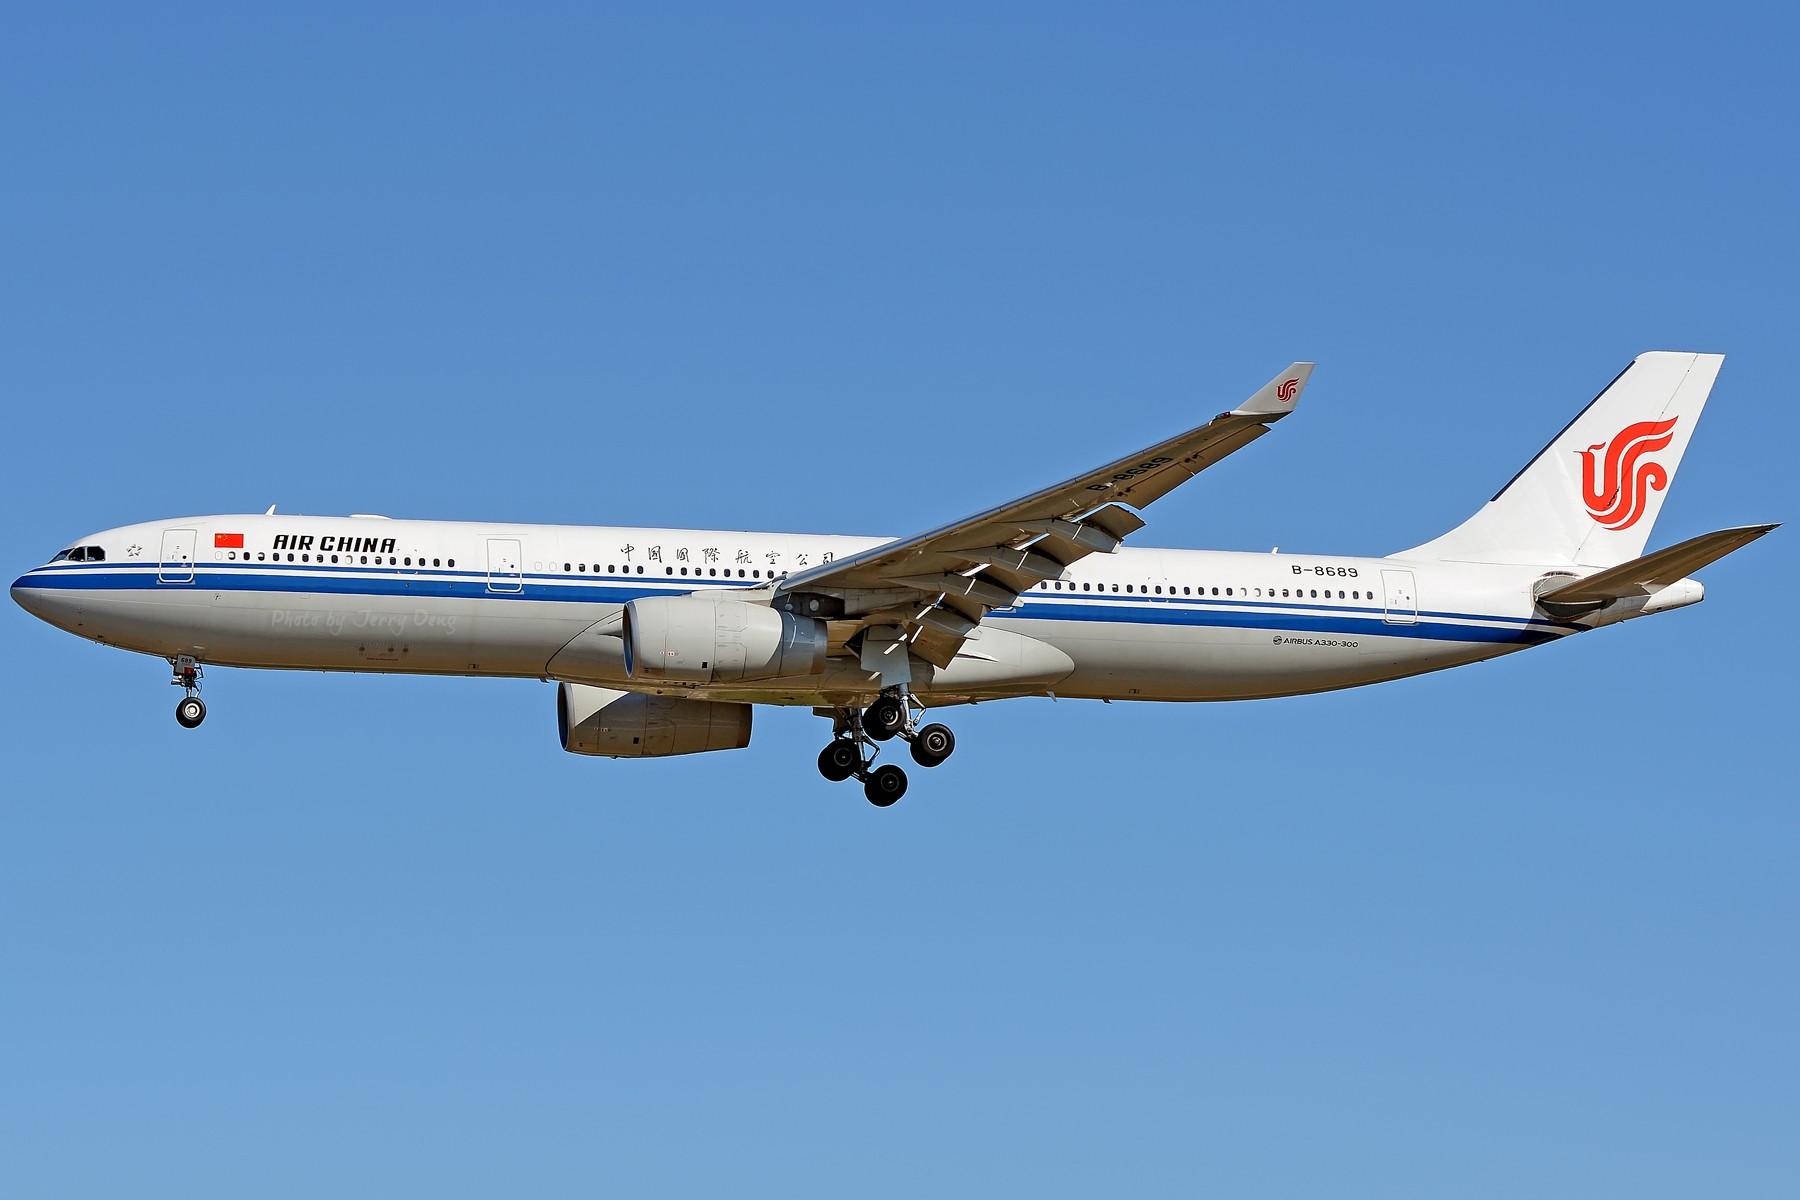 Re:[原创]【多图党】PEK落地一组国航系【2】 AIRBUS A330-300 B-8689 中国北京首都国际机场